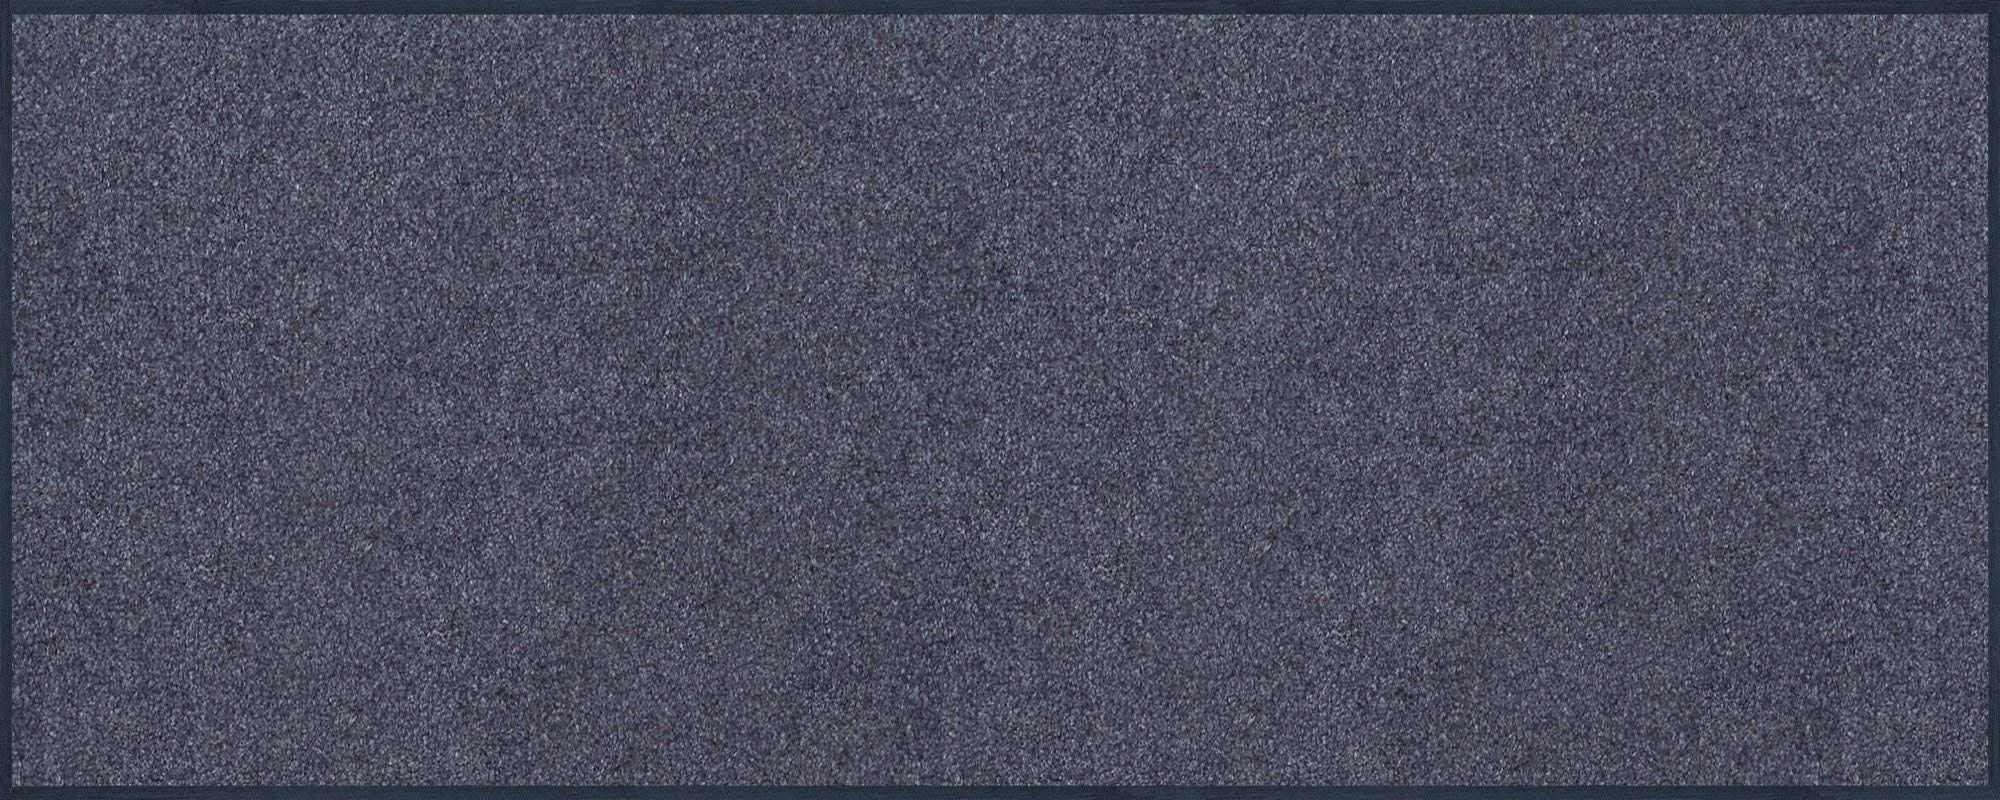 Mata drzwiowa stalowa niebieska 75 x 190 cm niebieska